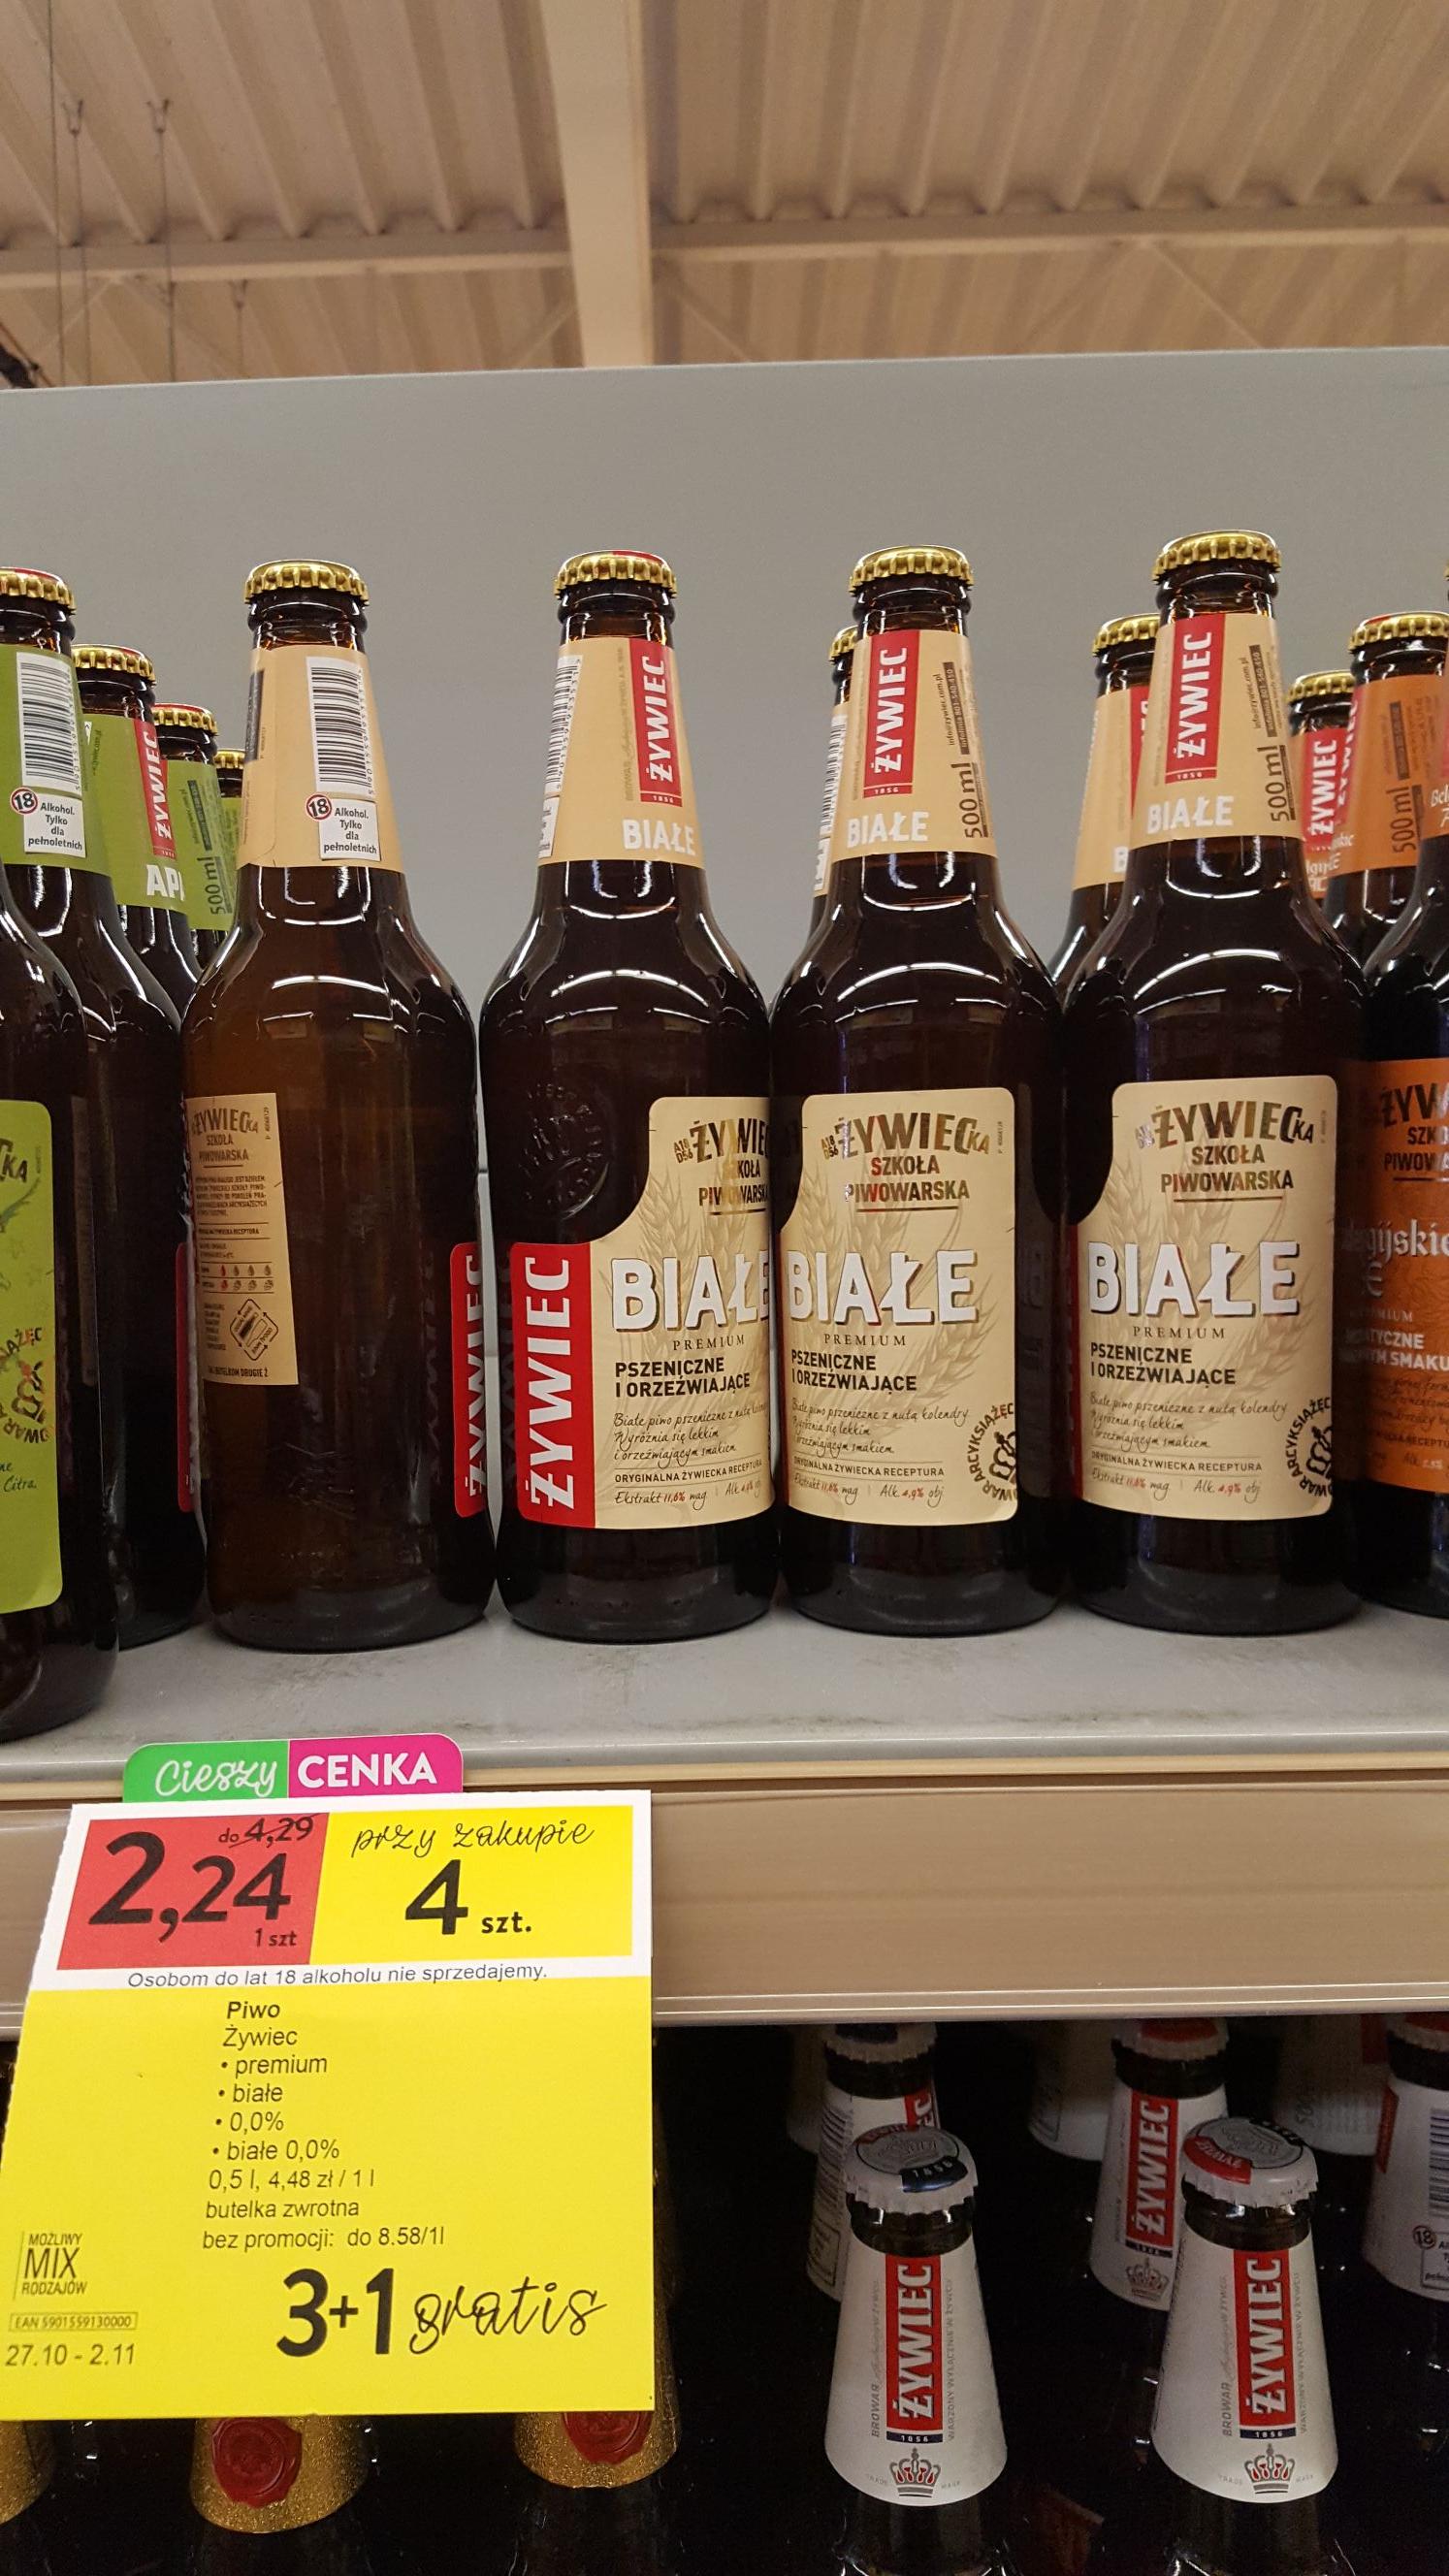 Piwo Żywiec białe @ Intermarche